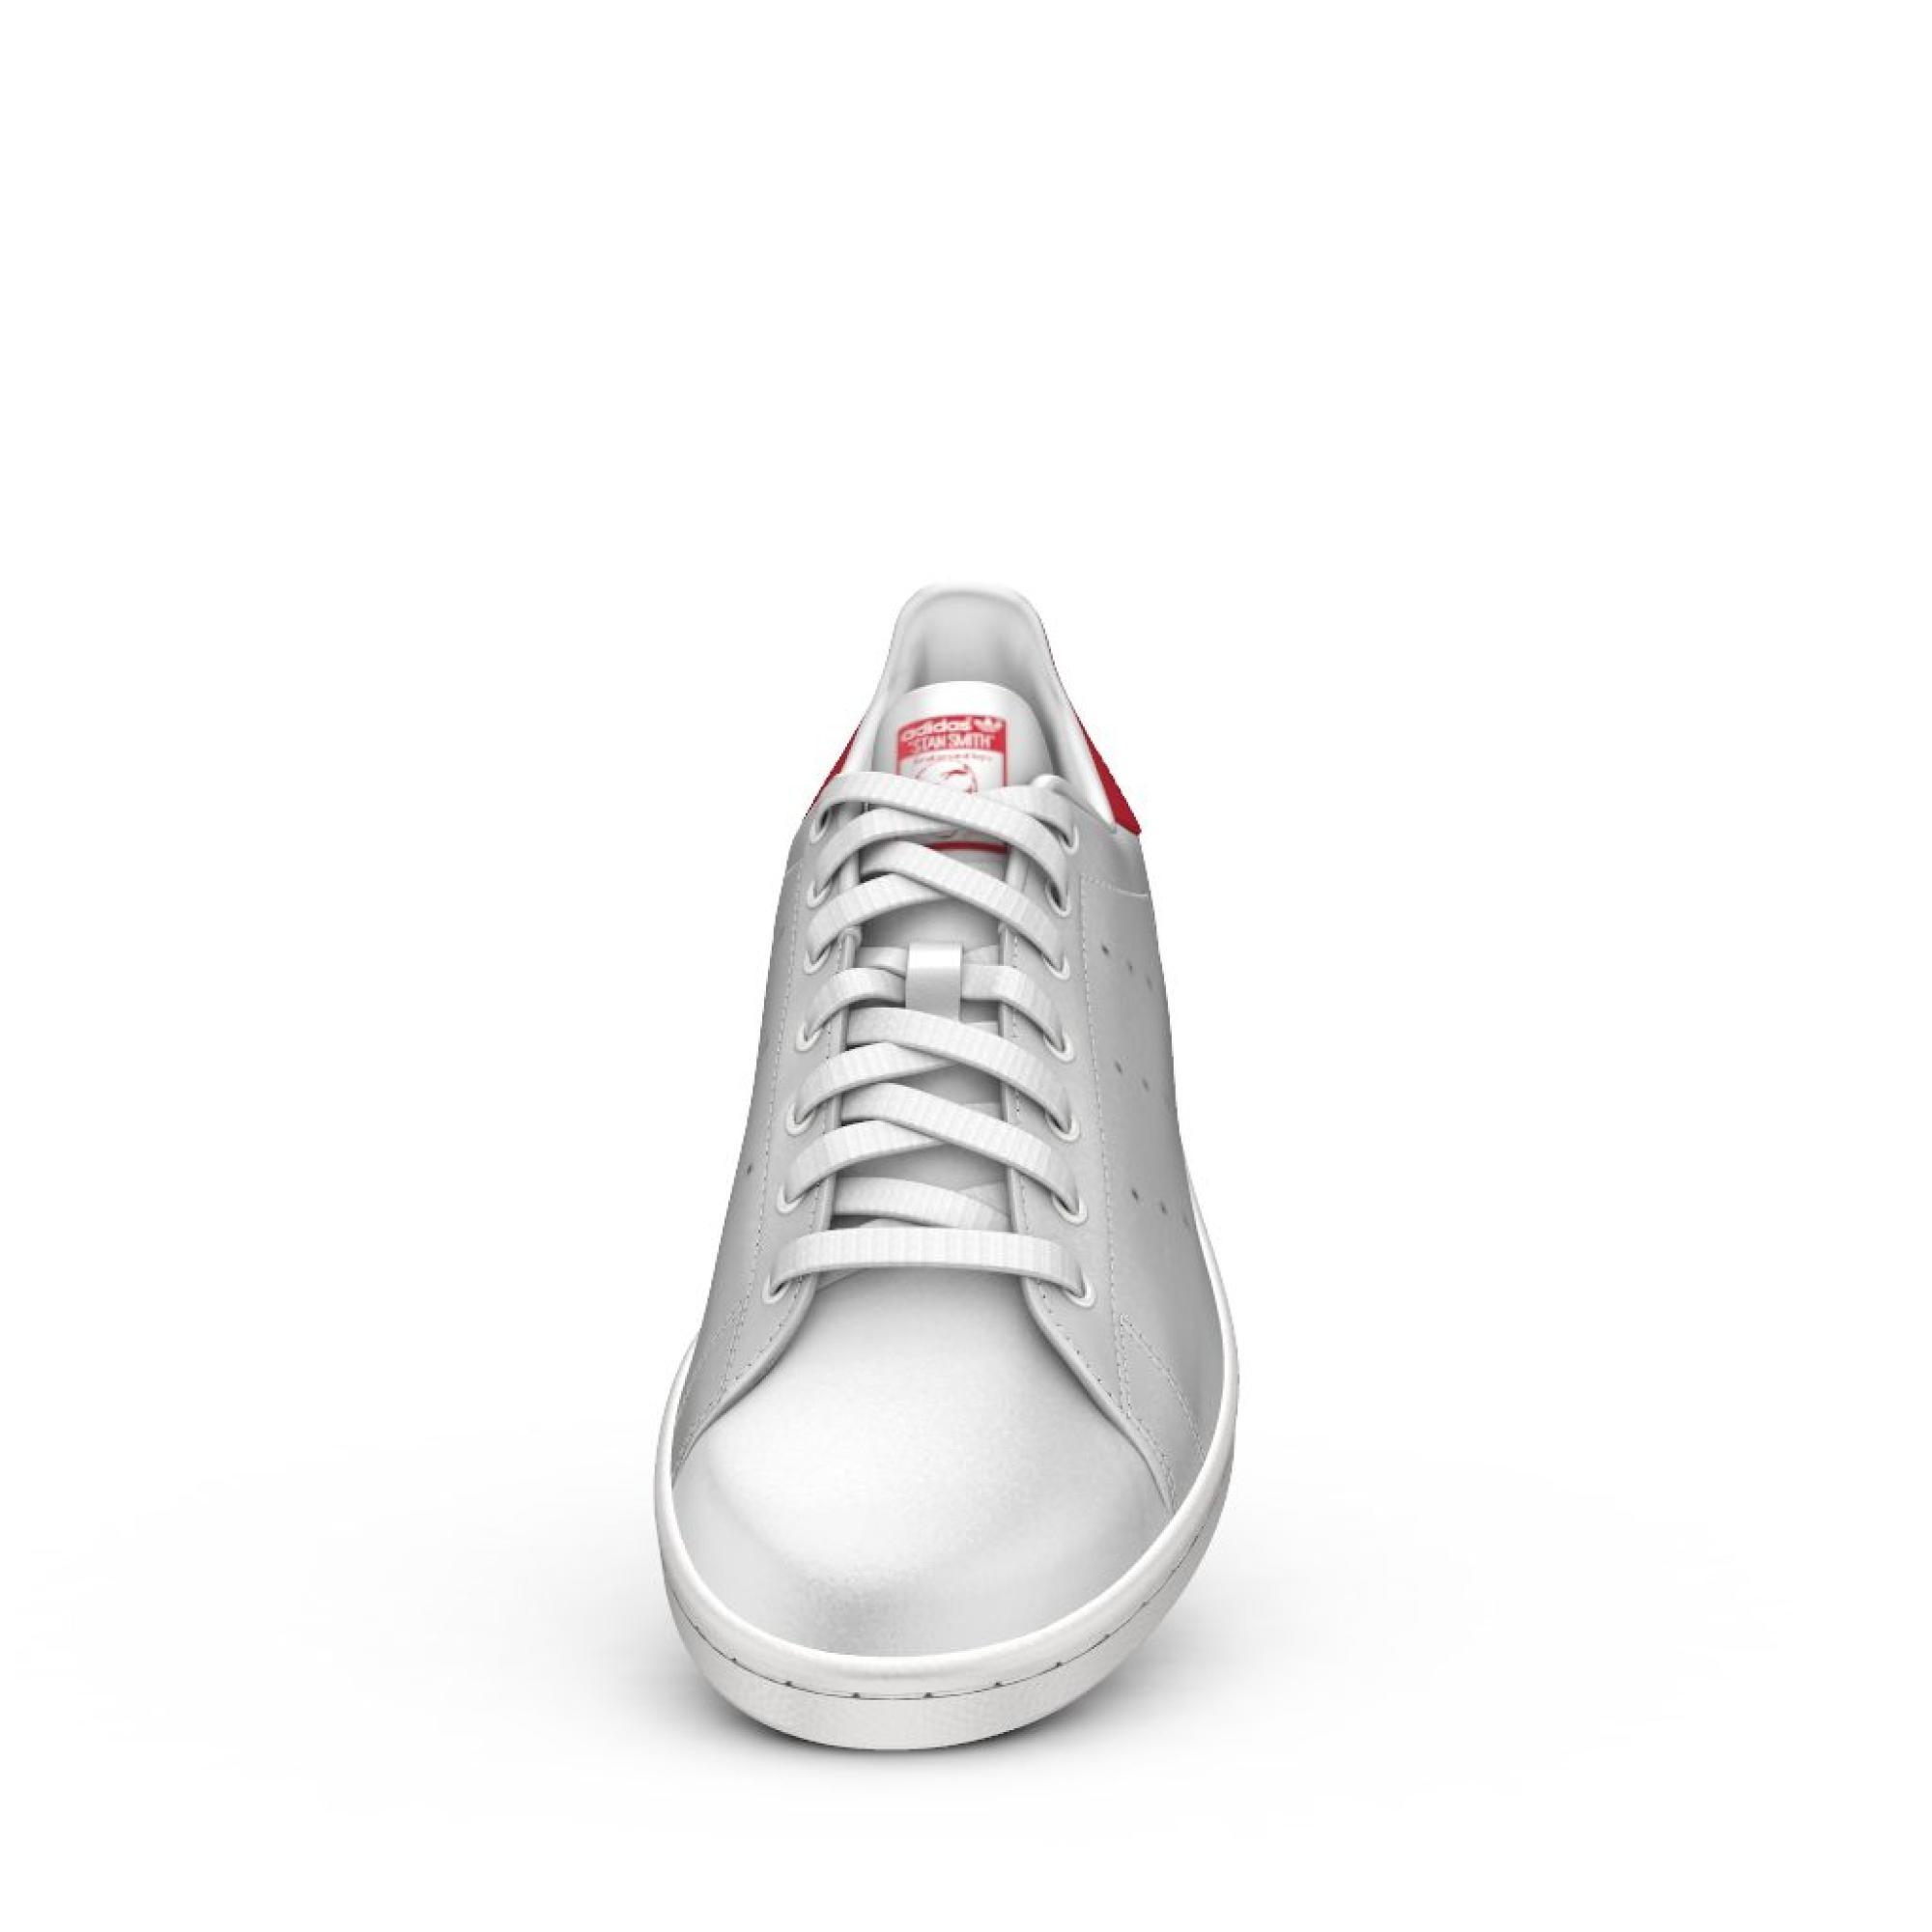 adidas stan smith bianca e rossa